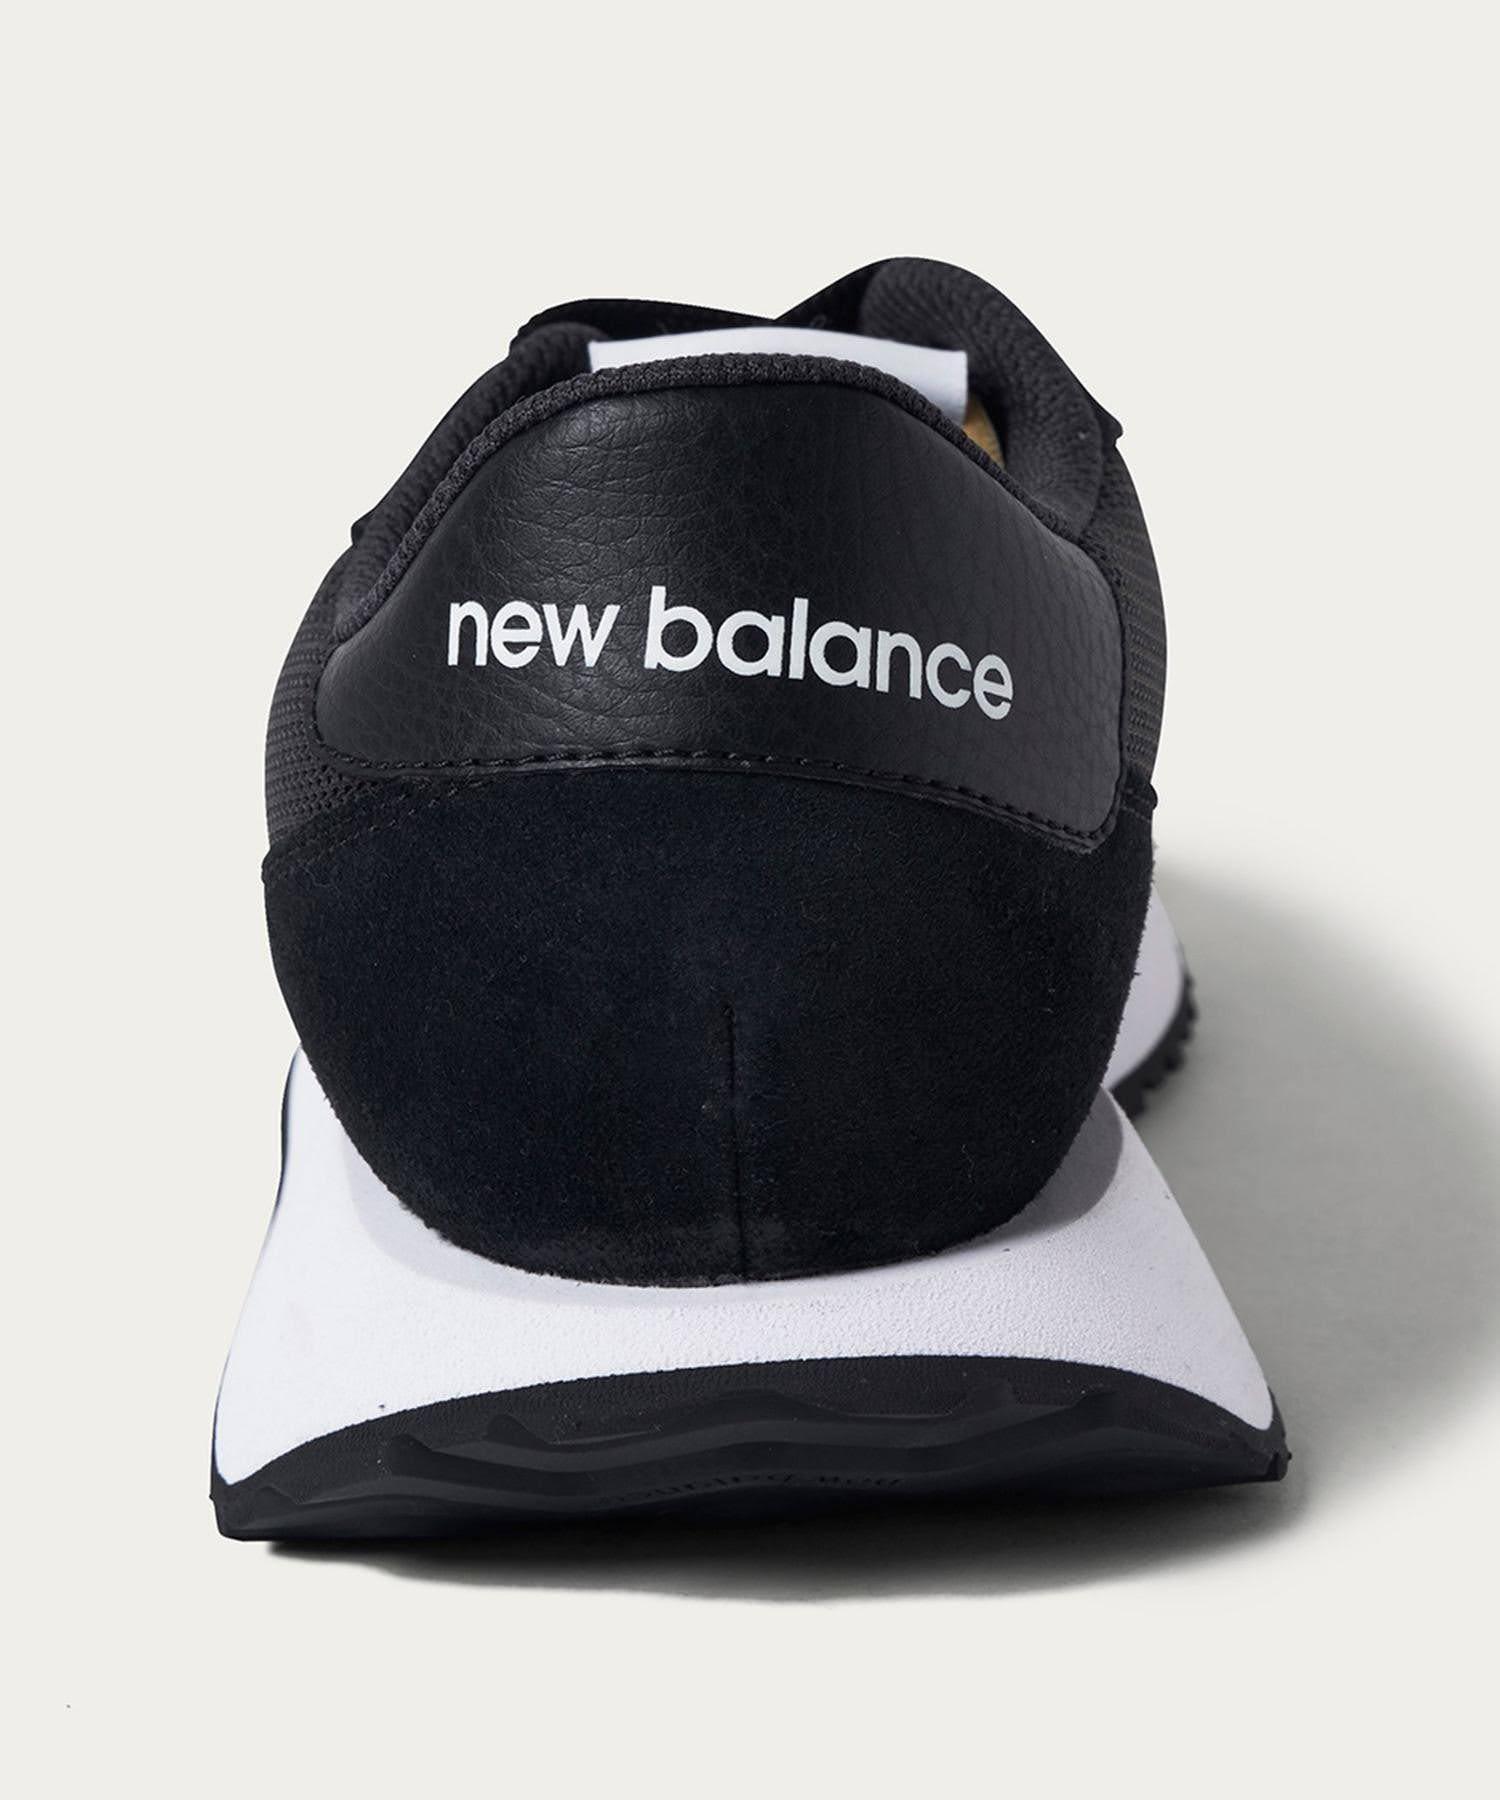 ニューバランス WS237/ ブラック New-Balance-WS237-Black-heel